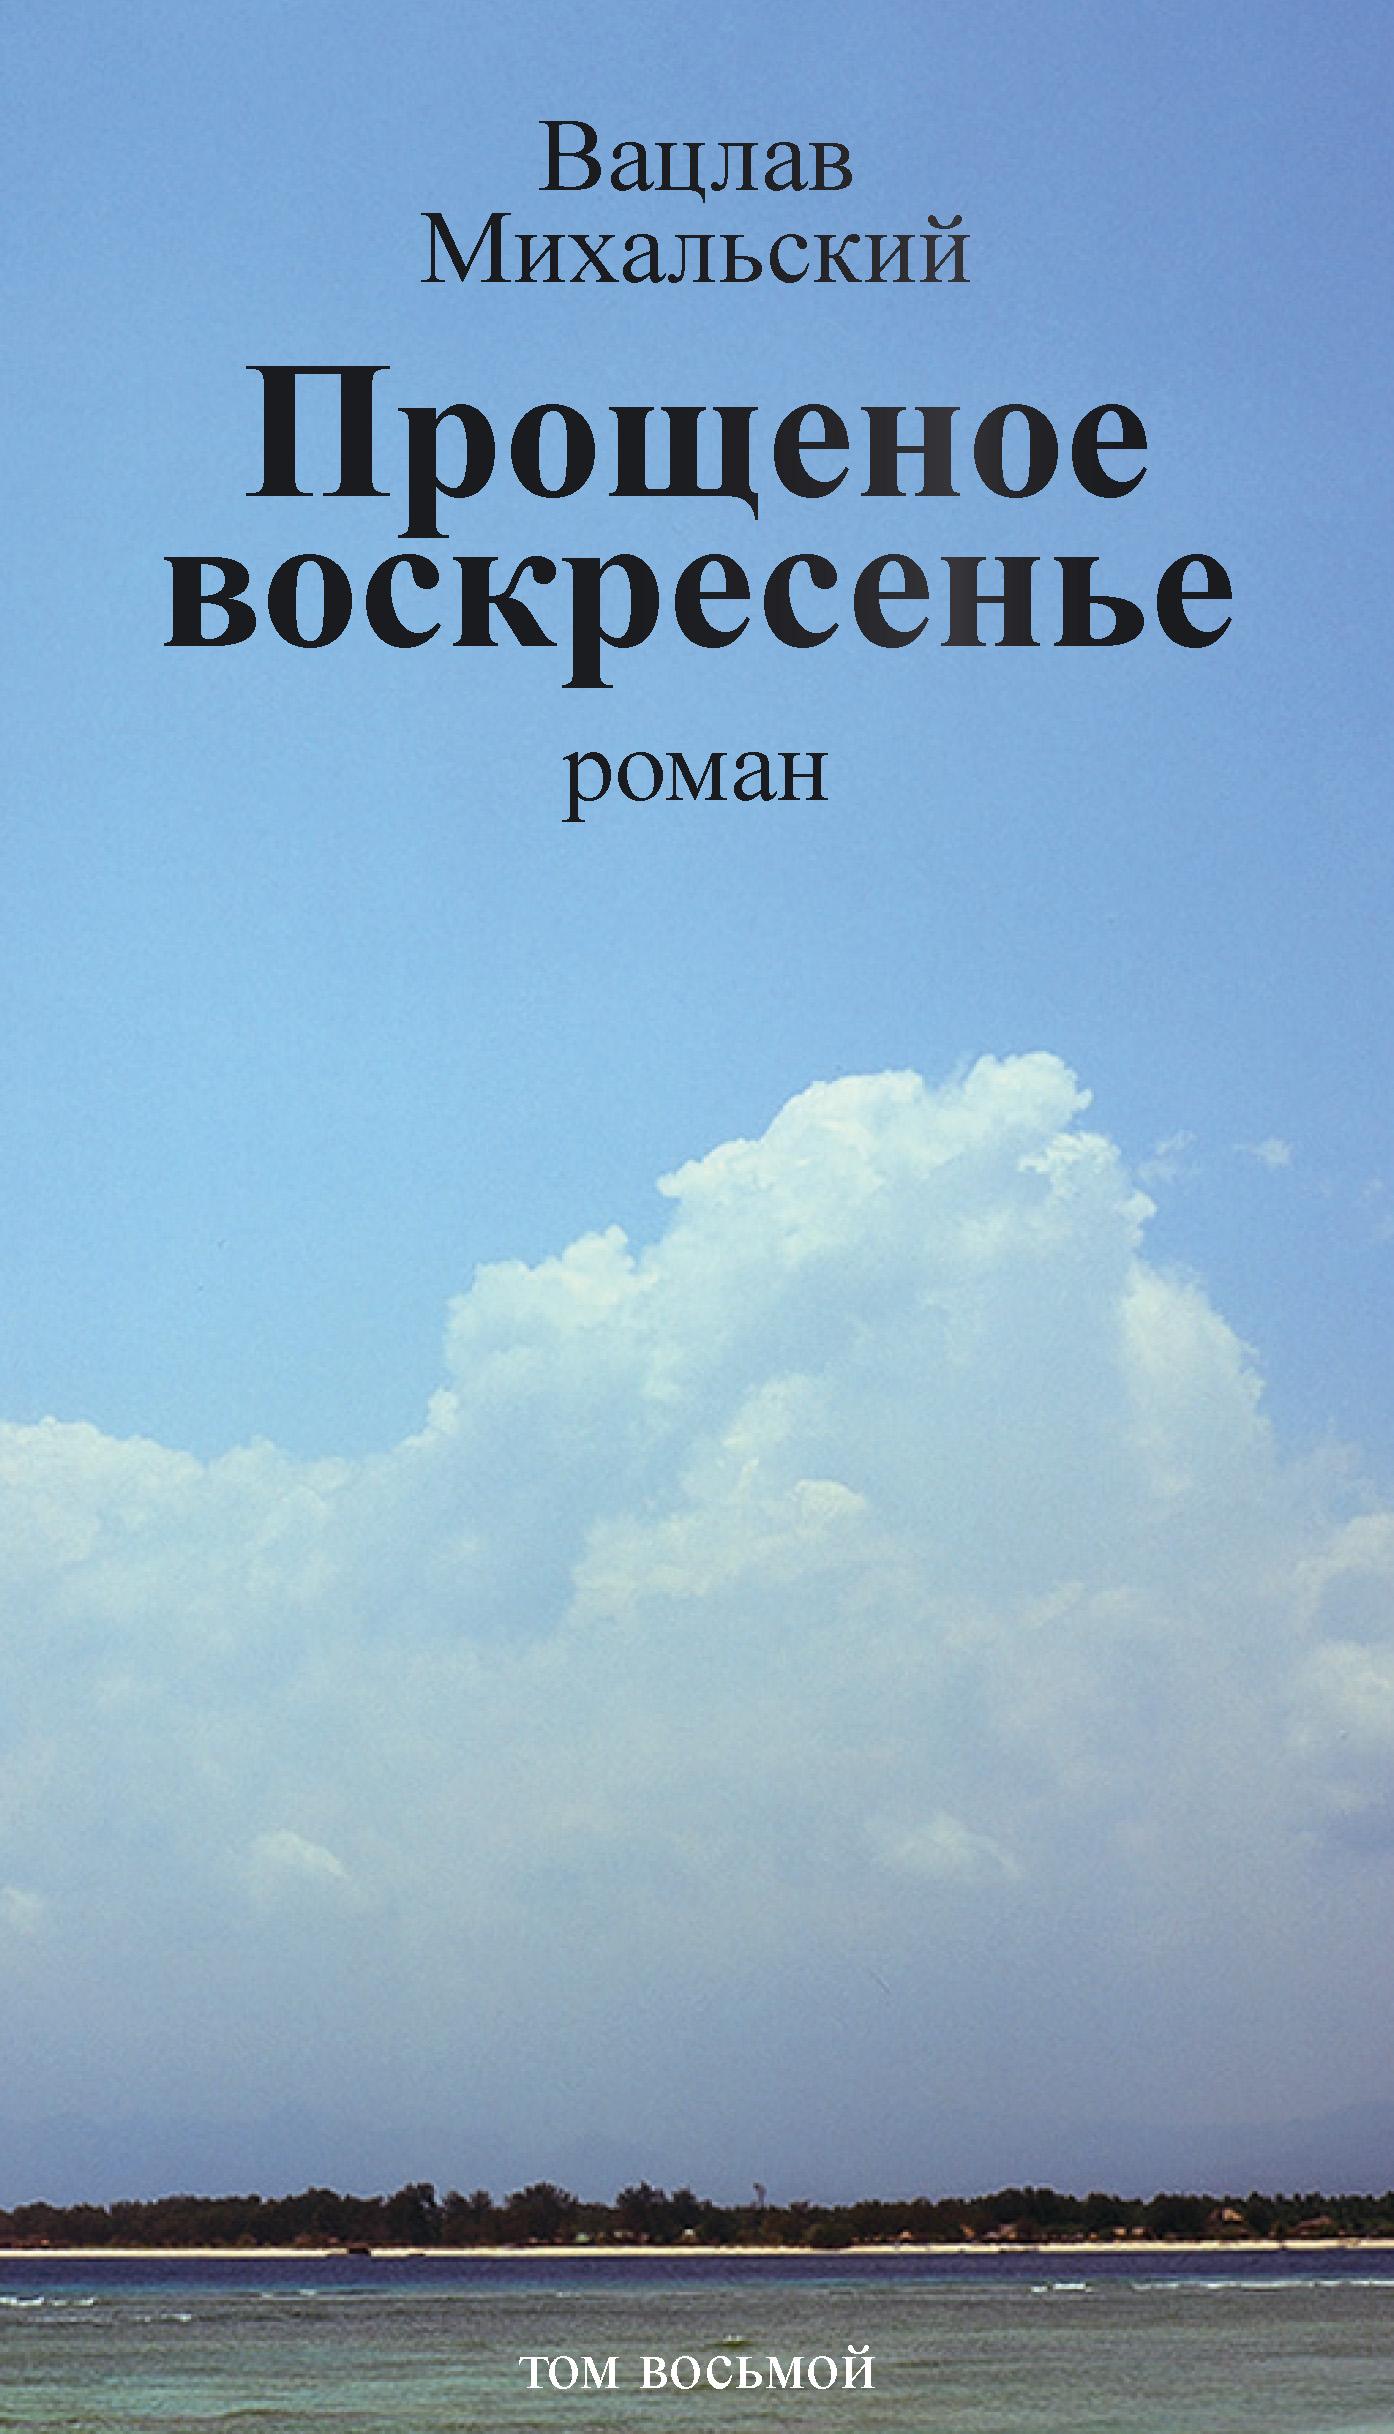 Собрание сочинений в десяти томах. Том восьмой. Прощеное воскресенье